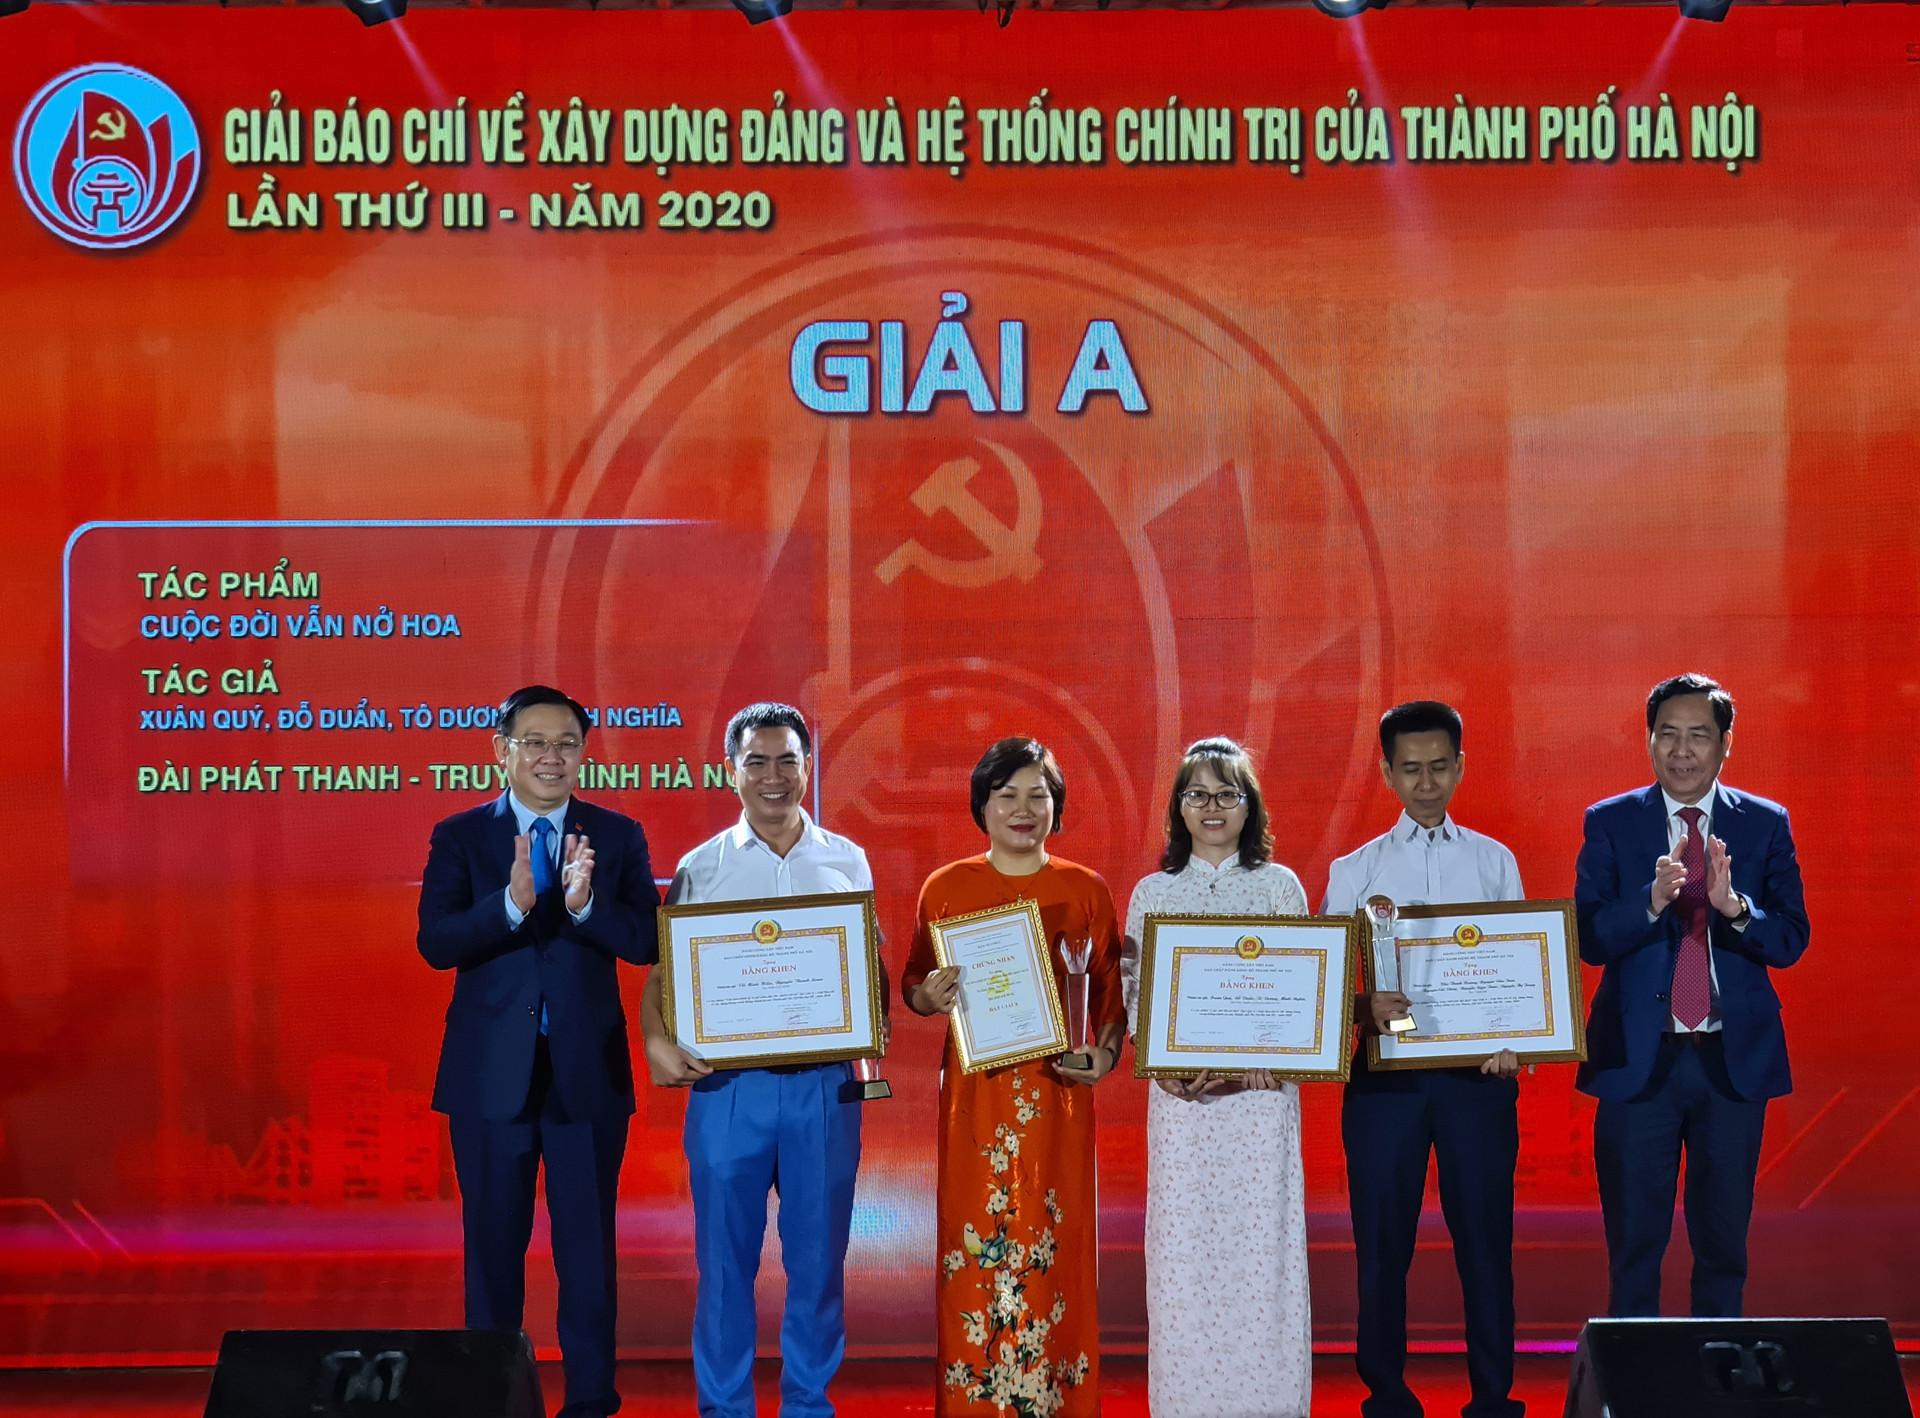 Hà Nội trao 2 giải báo chí của thành phố